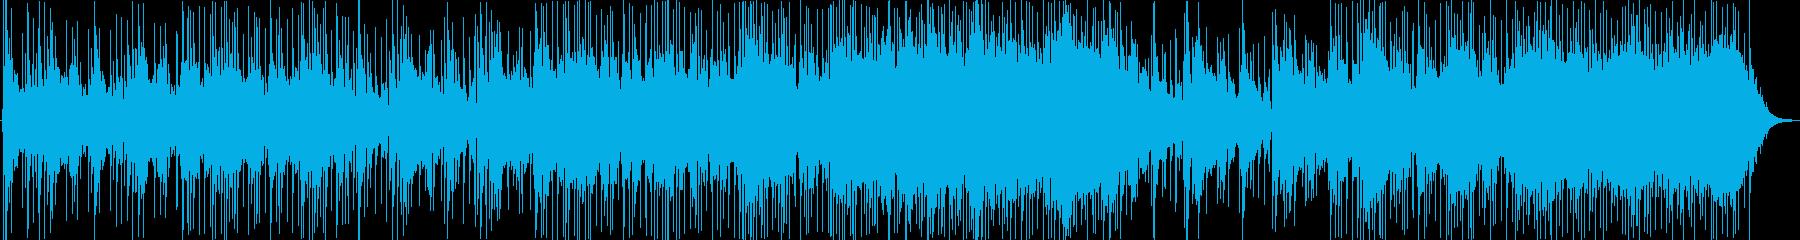 軽い、心地よい音響。アコースティッ...の再生済みの波形